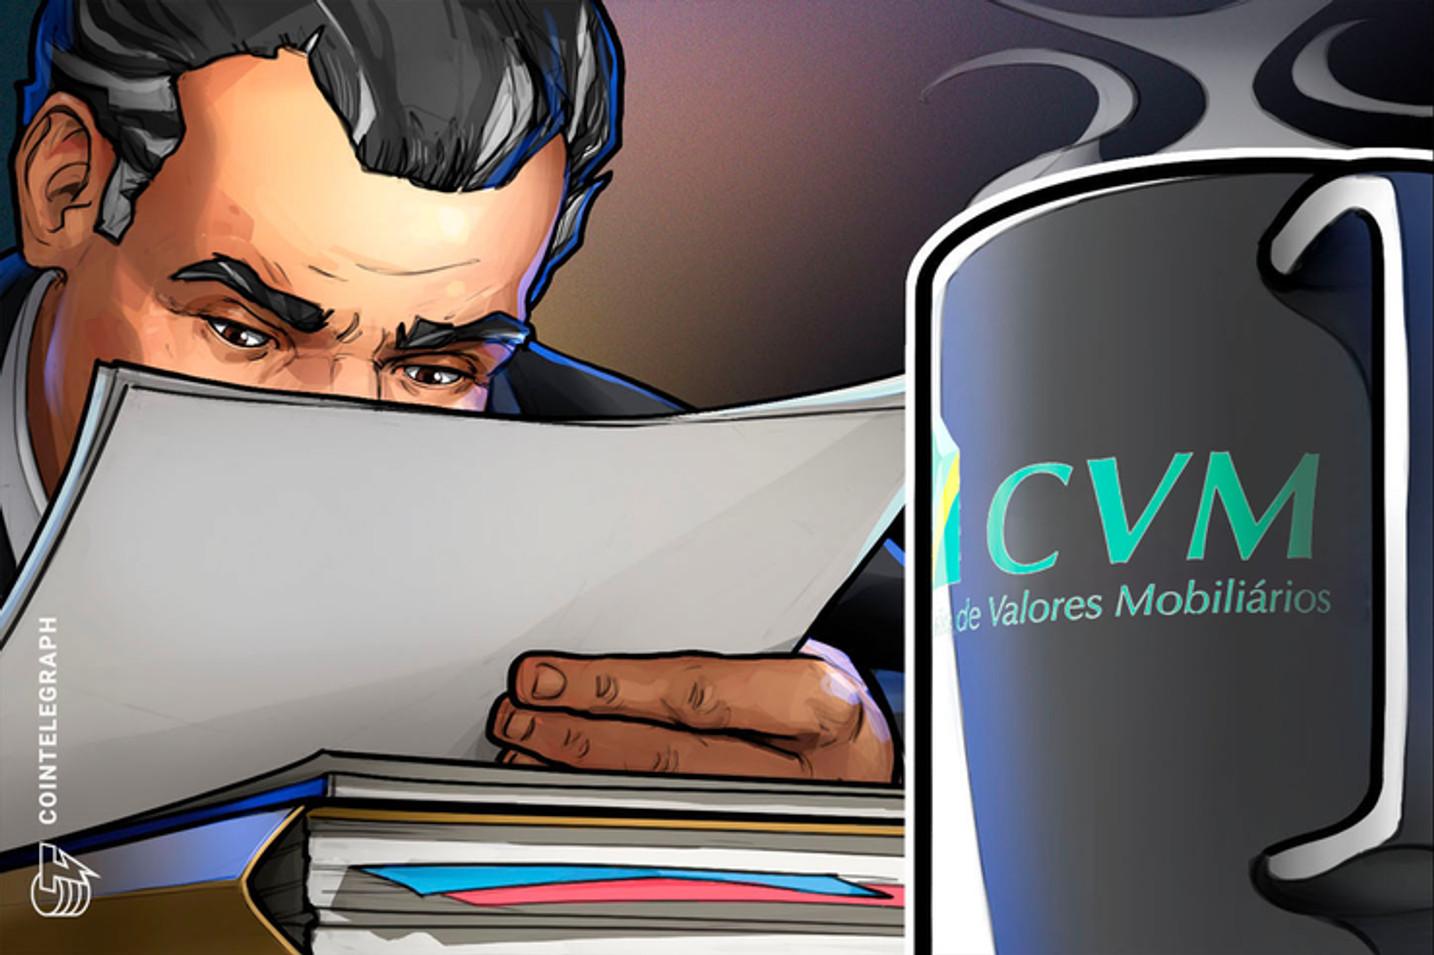 Com falta de funcionários CVM pede 'emprestados' servidores do BNDES